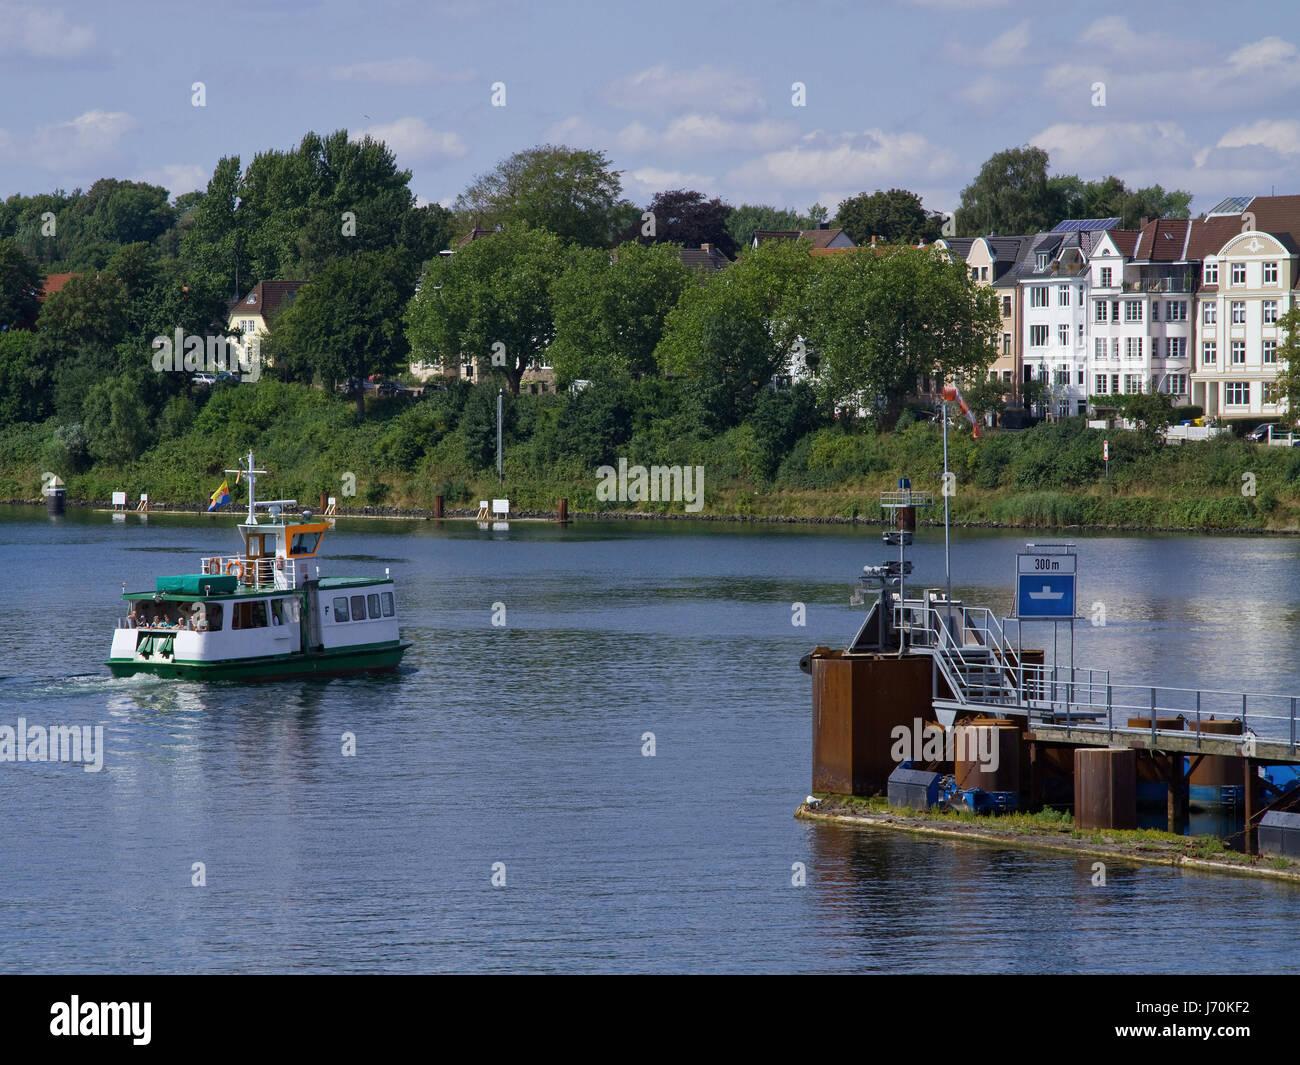 houses keel waterway ferry blue houses tree trees green keel waterway bluer Stock Photo